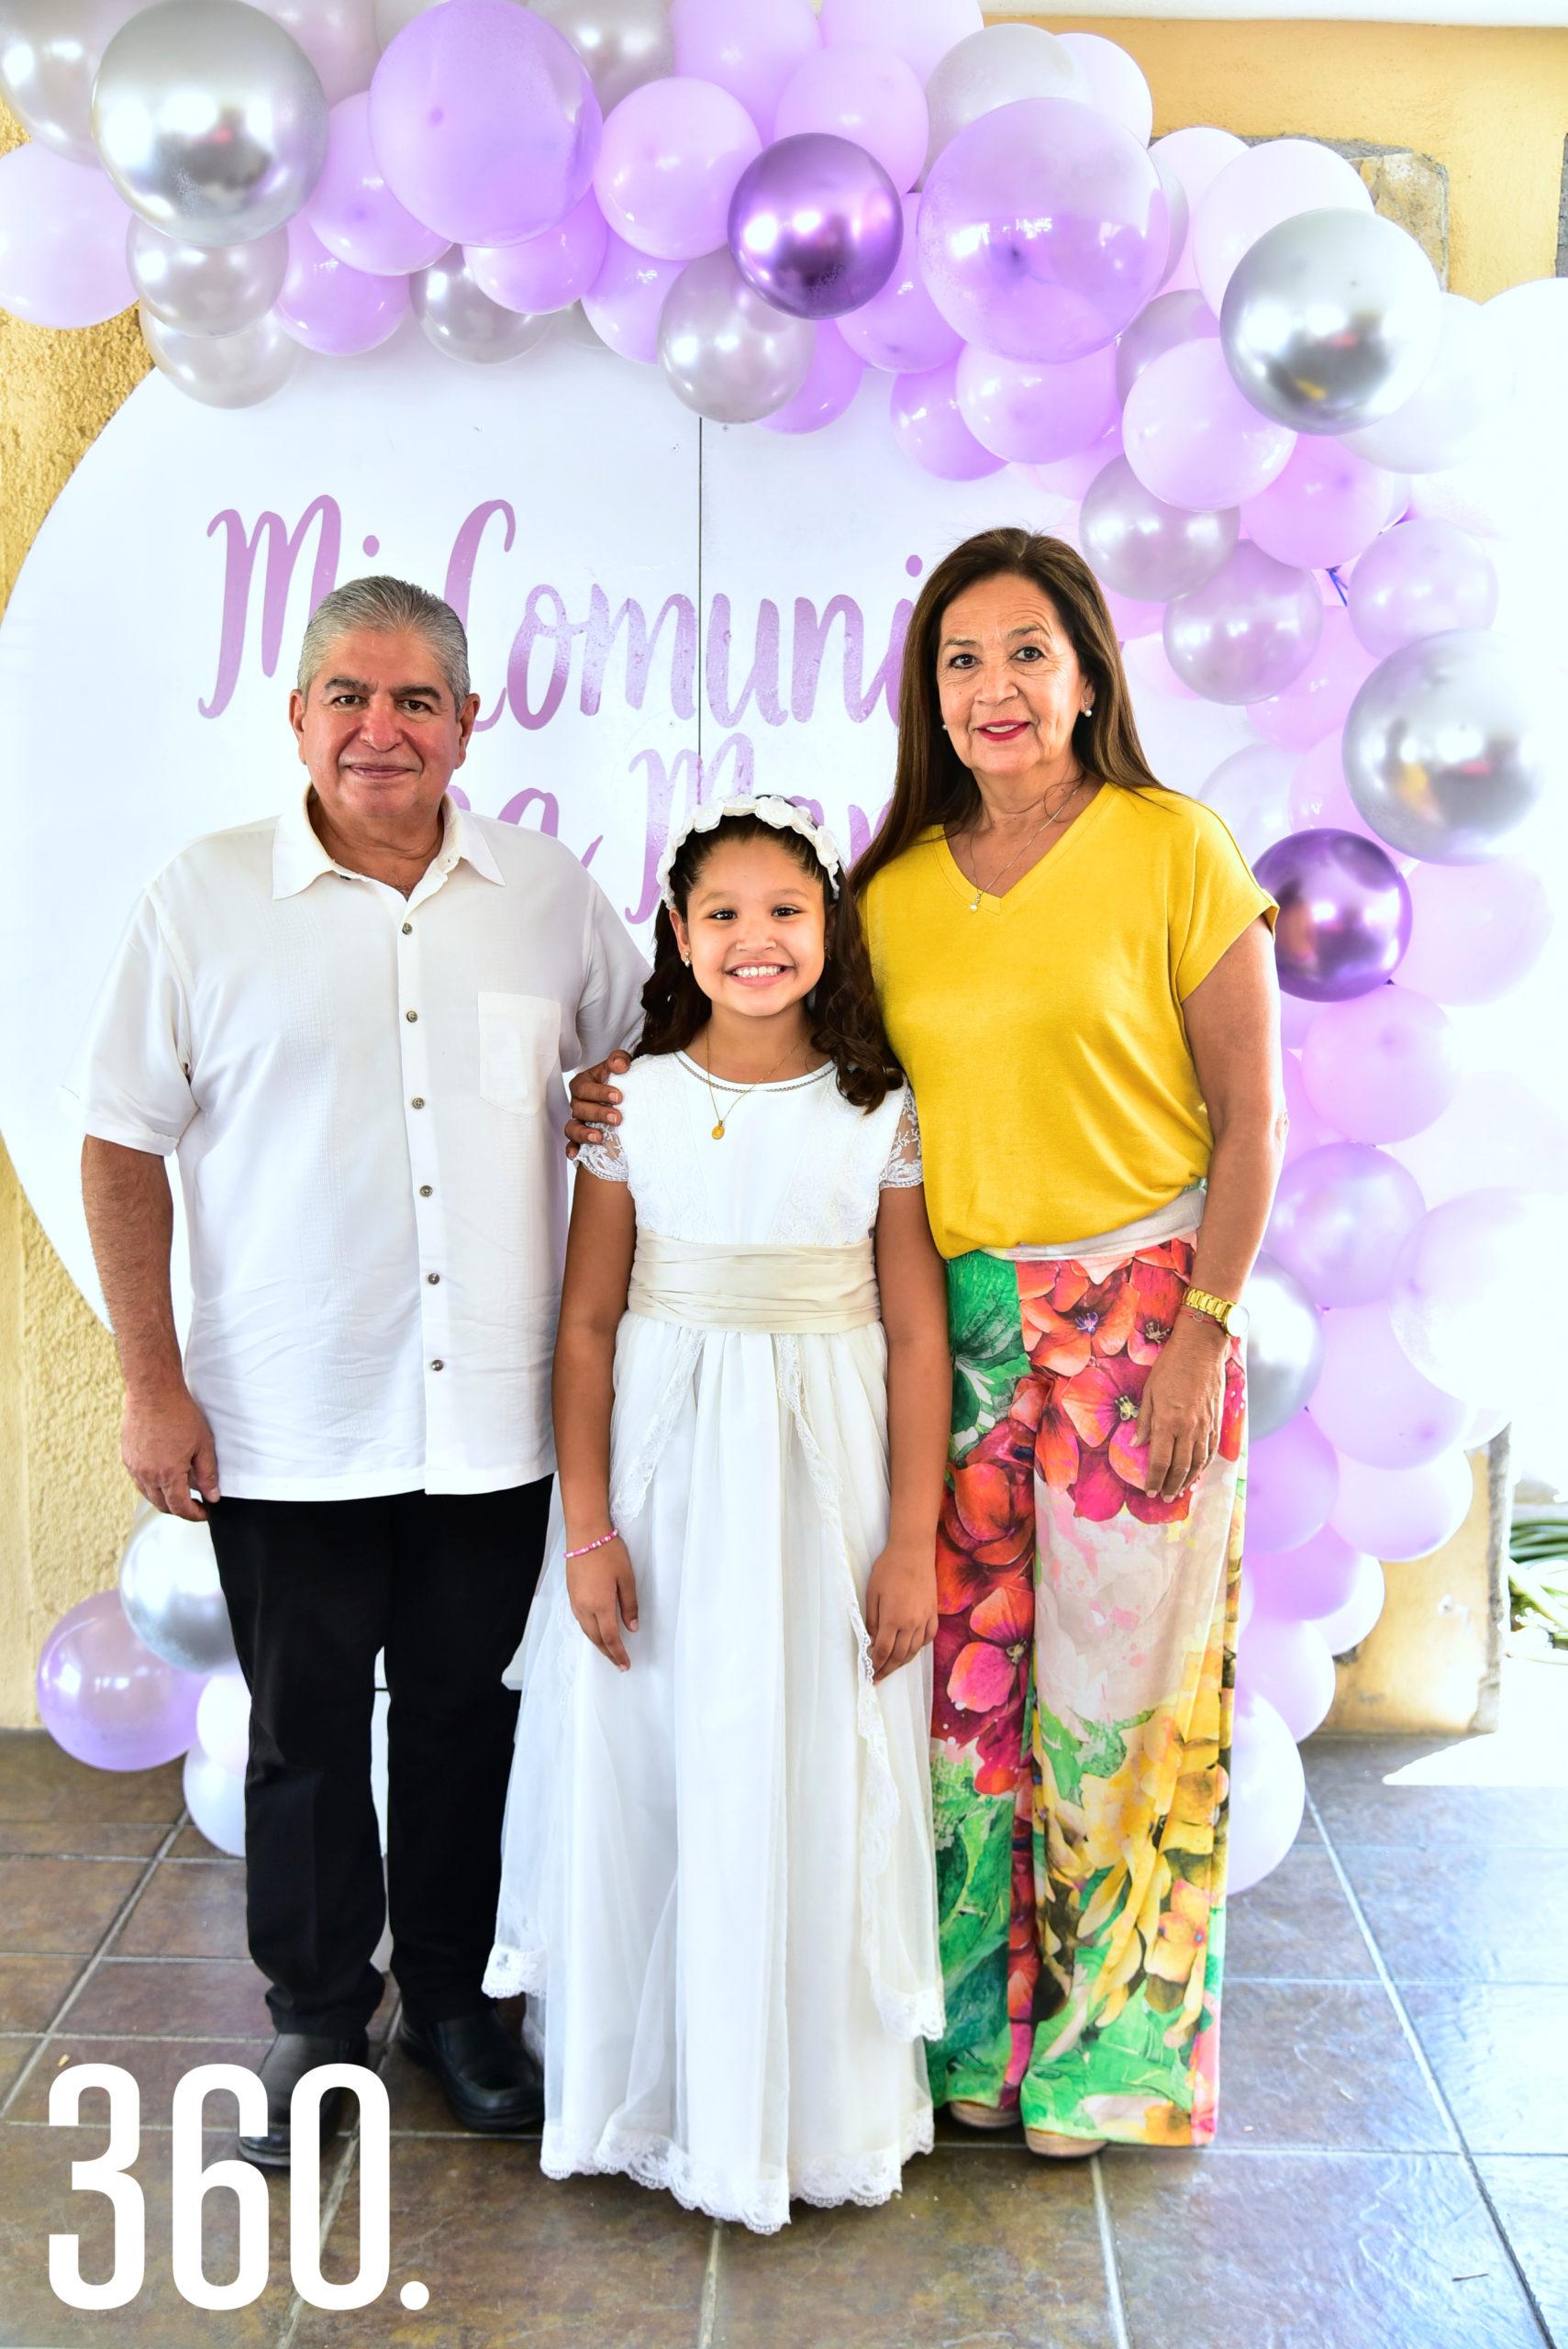 Ana María Vigil Cabello acompañada de sus abuelitos, Luis Gerardo Cabello y Mónica Ventura.